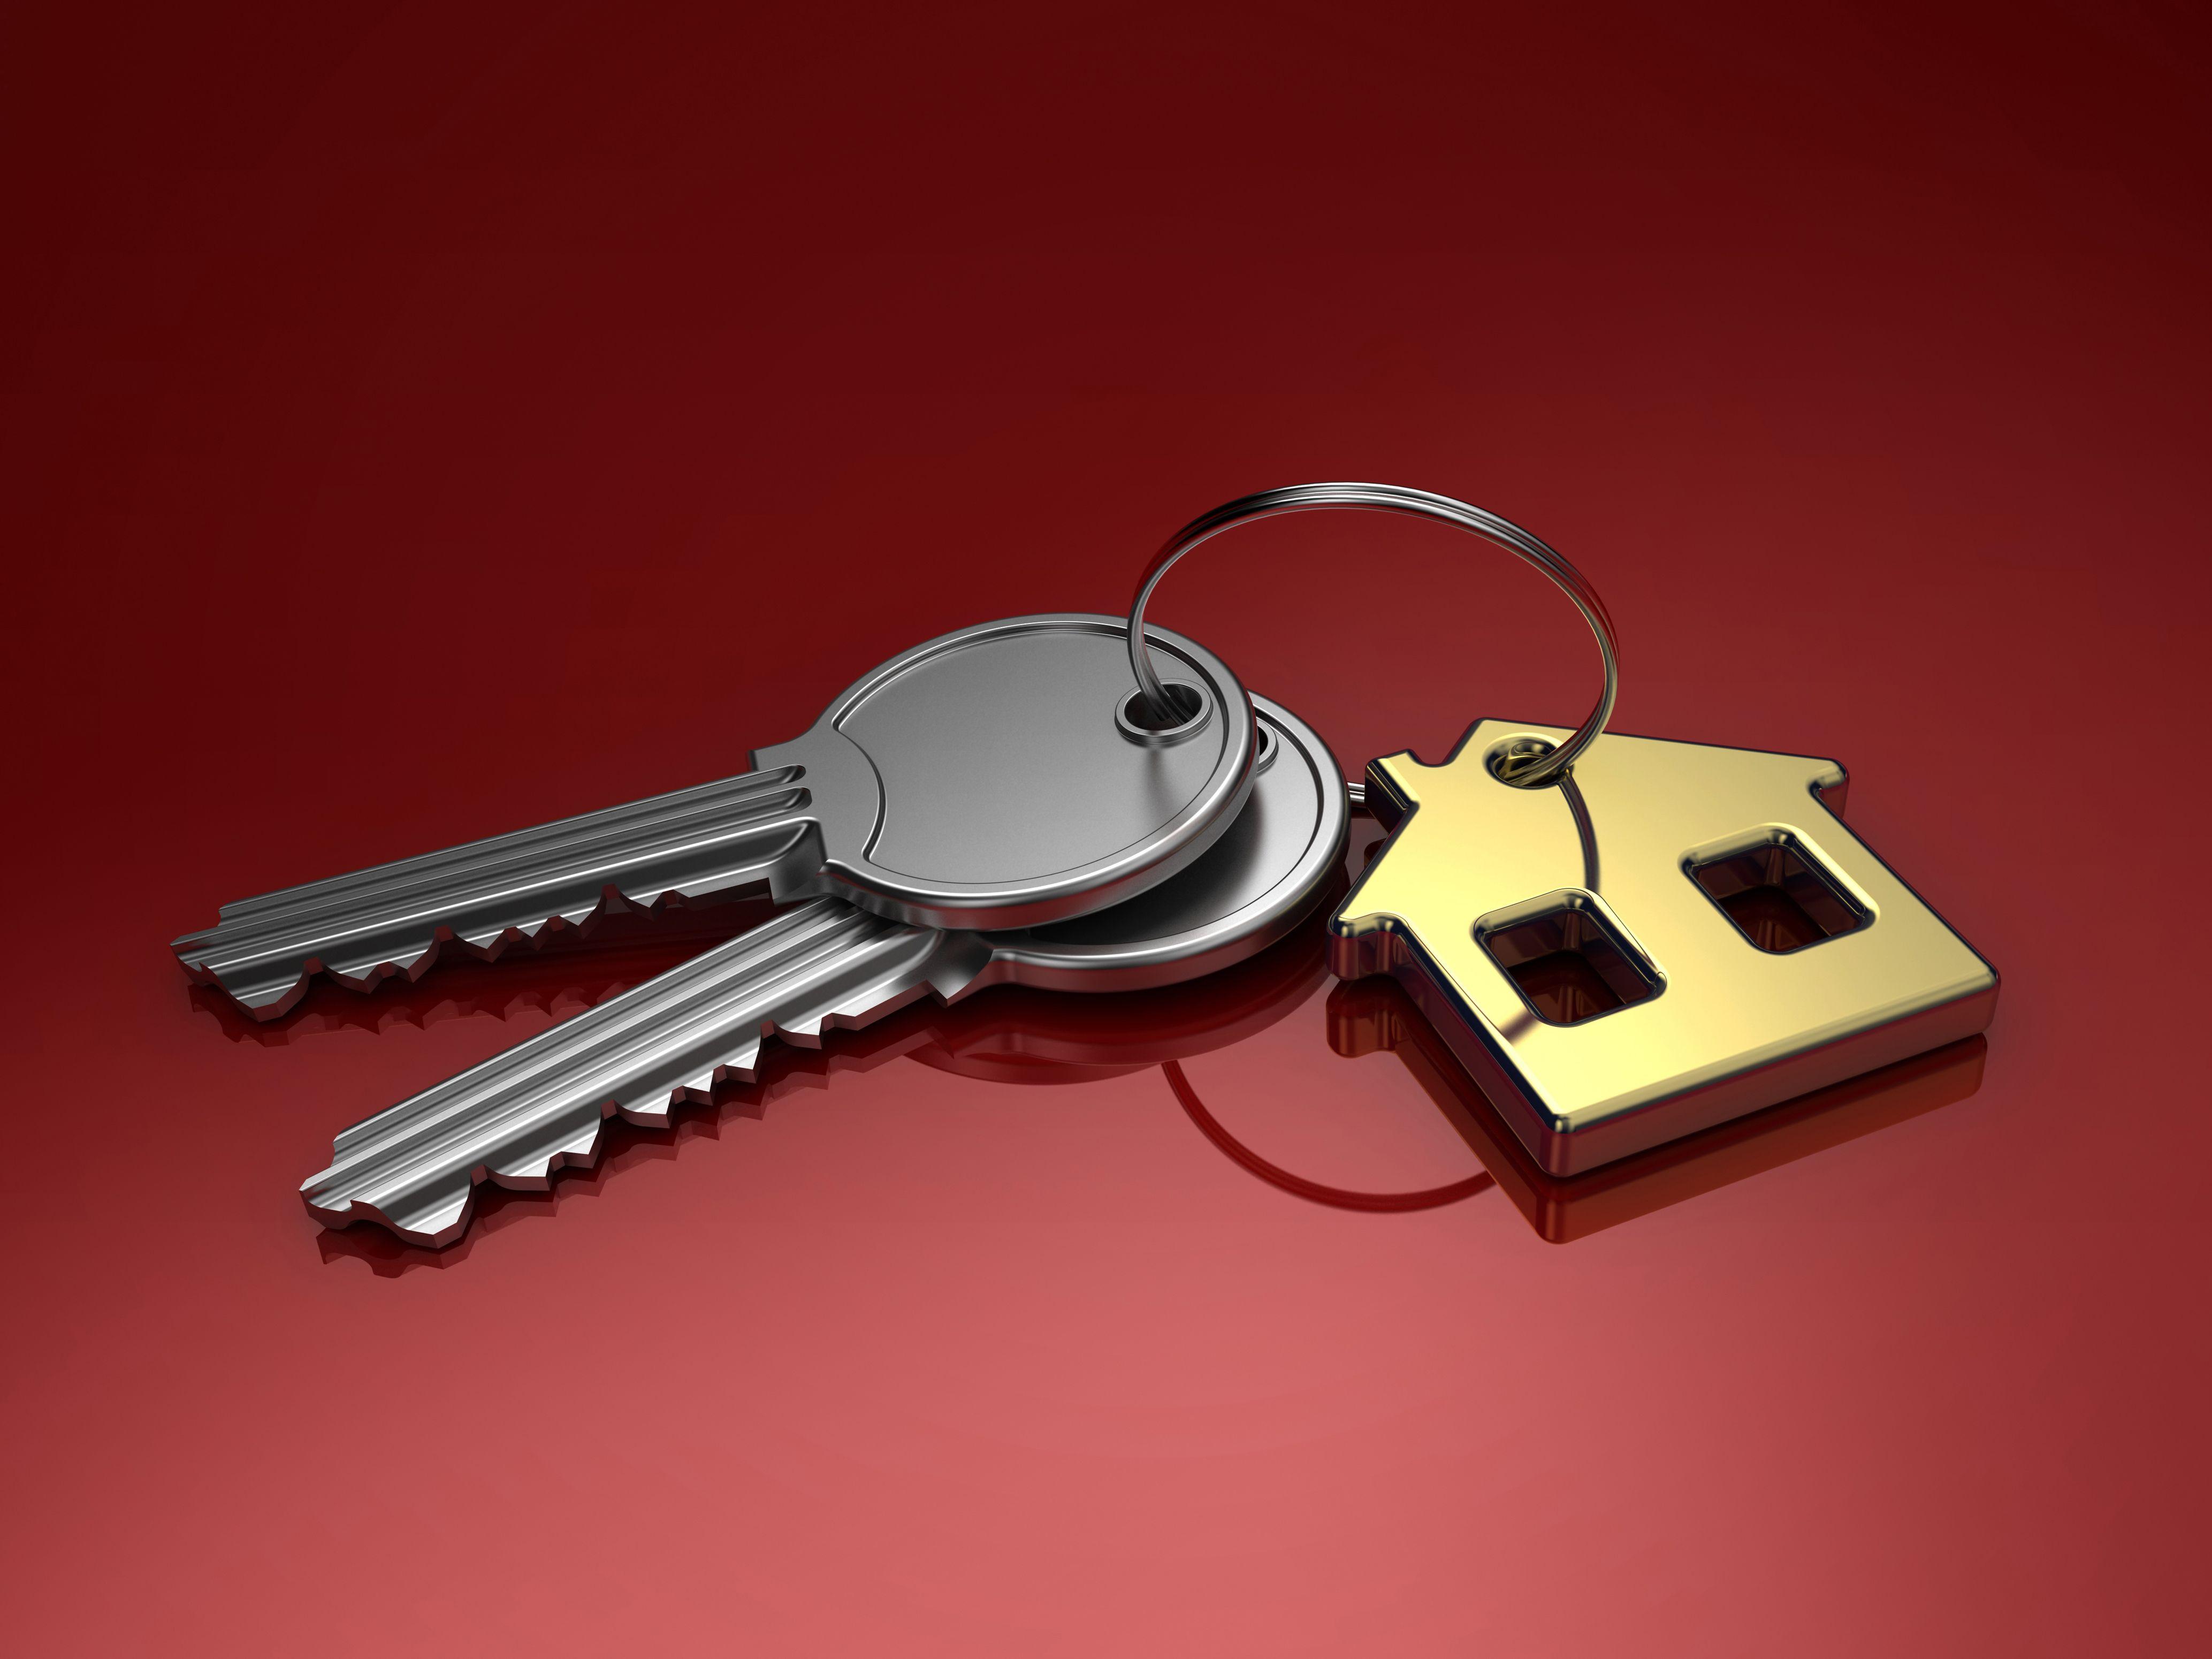 В марте число объявлений о продаже квартир сократилось на 30%- Kapital.kz